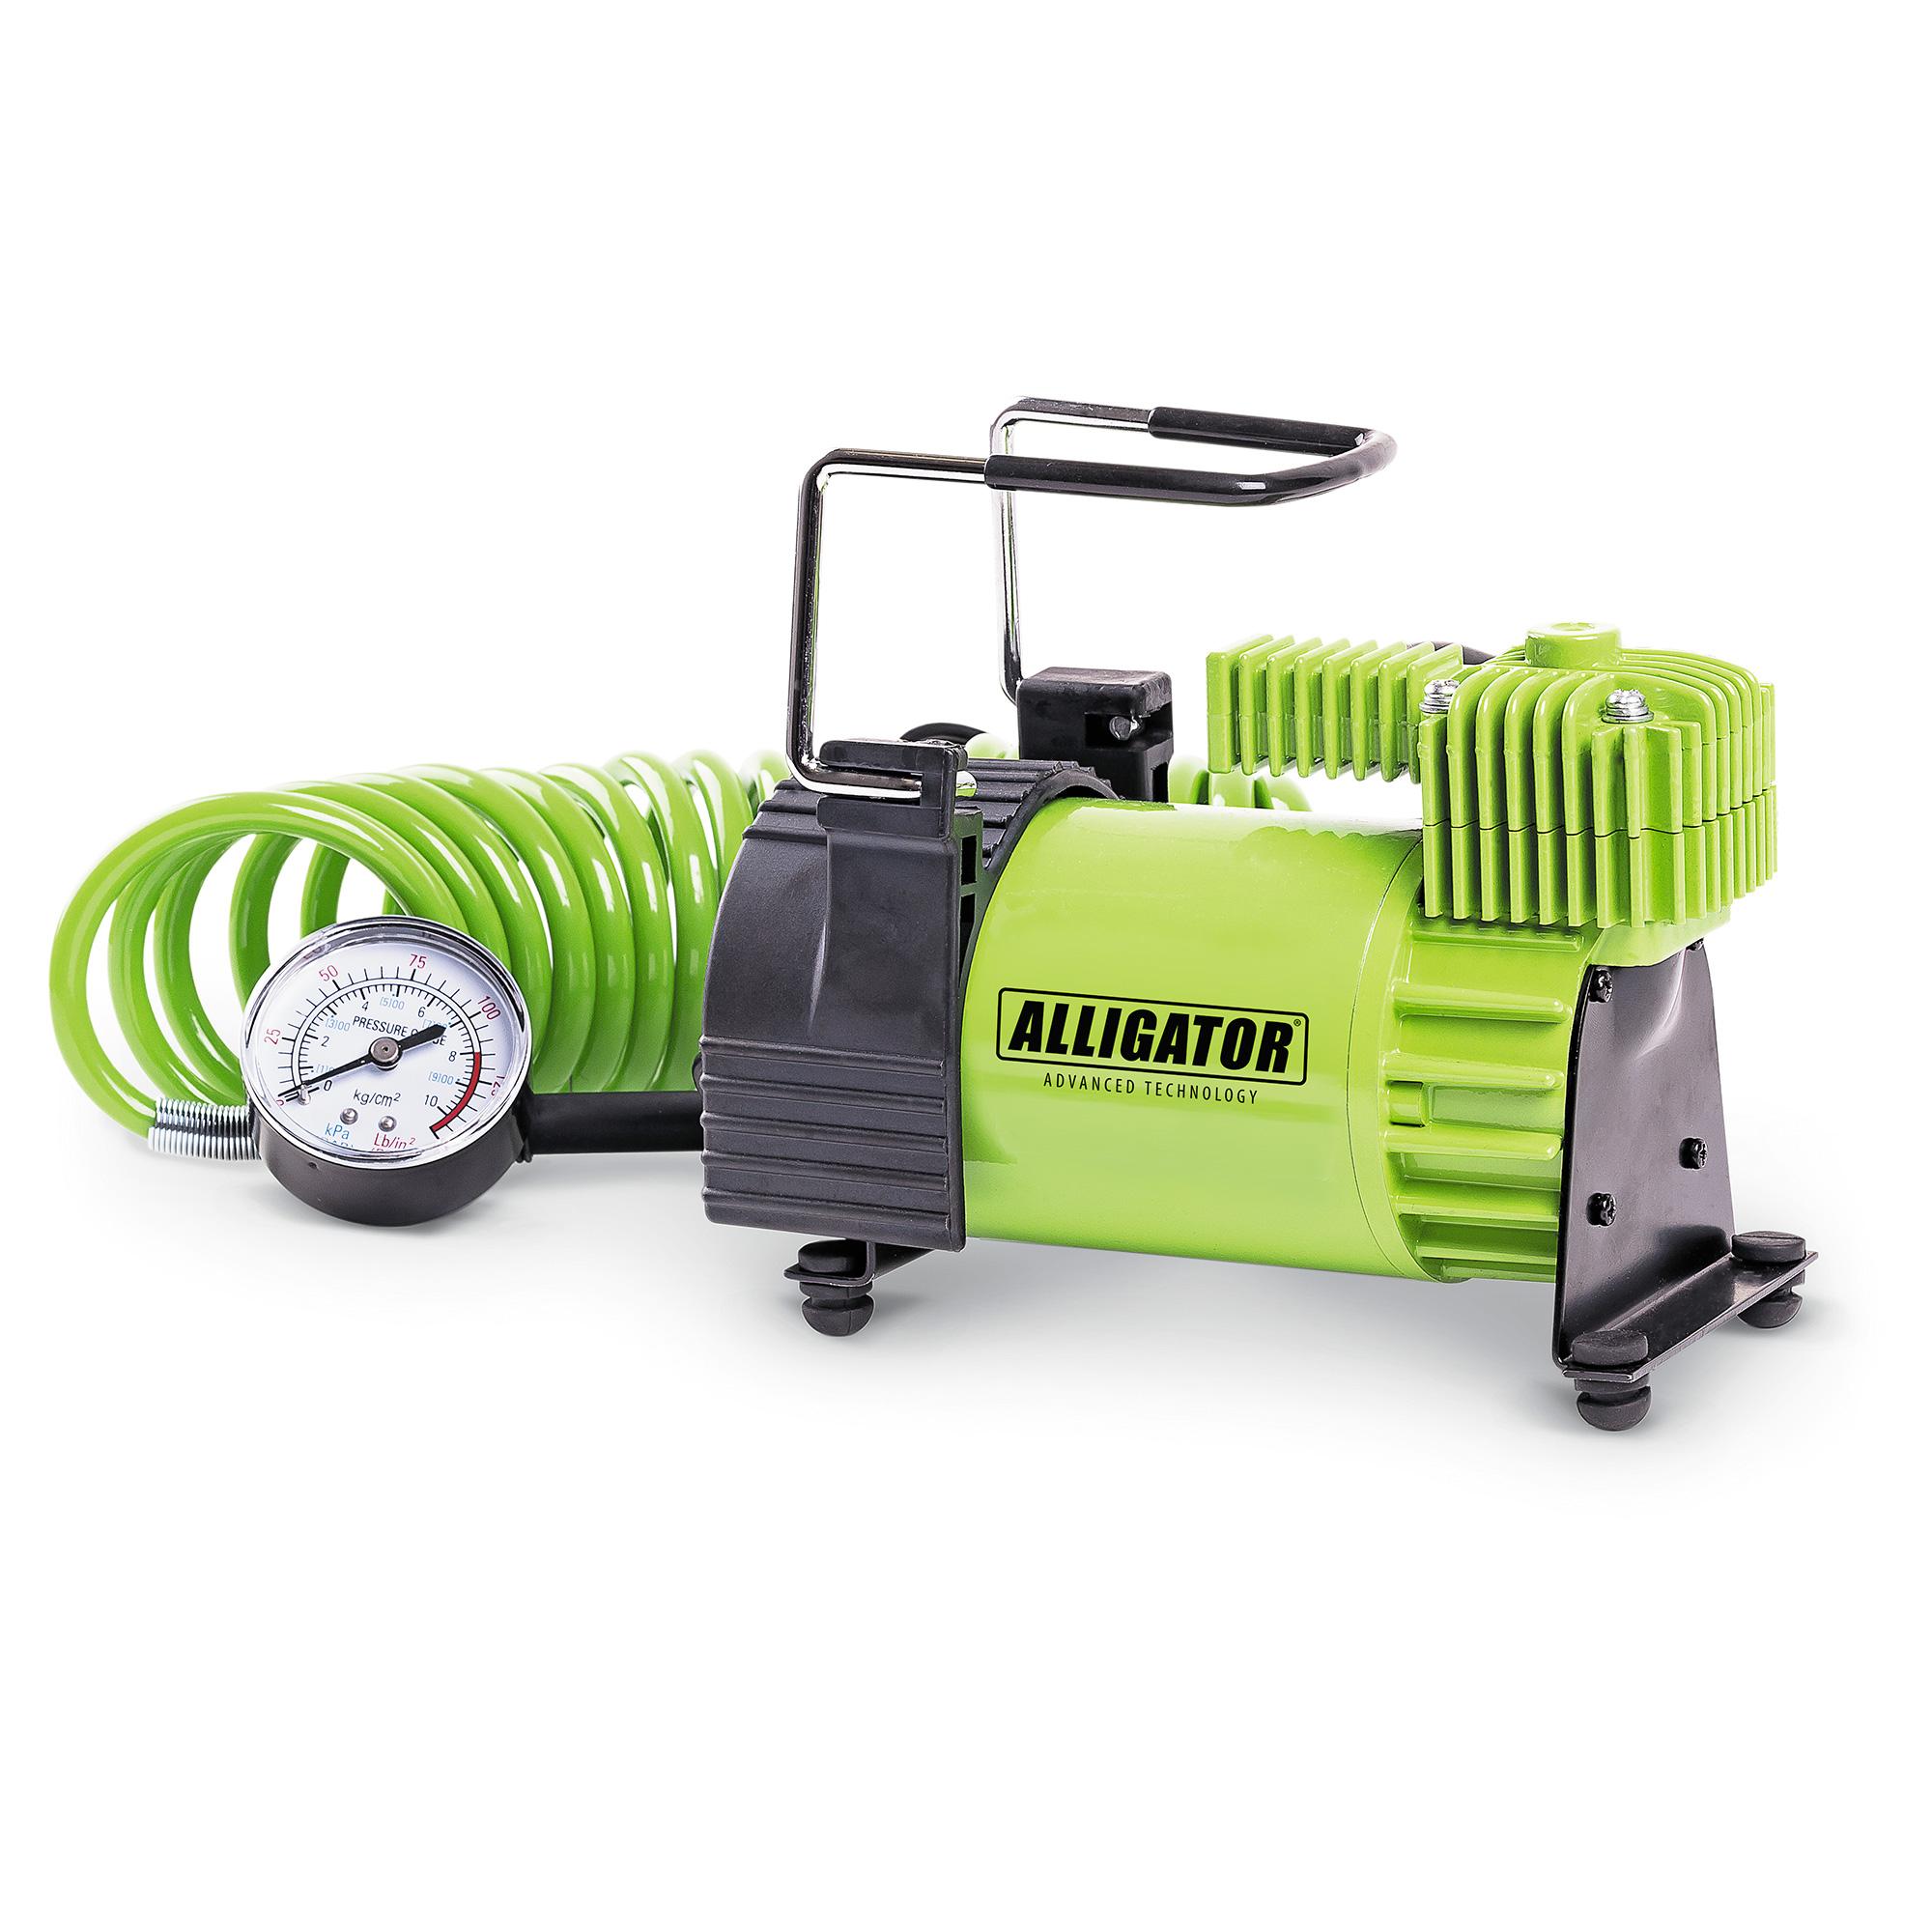 Компрессор автомобильный Аллигатор AL-400 (+ Мешки для колёс в подарок!) автомобильный компрессор аллигатор al 350